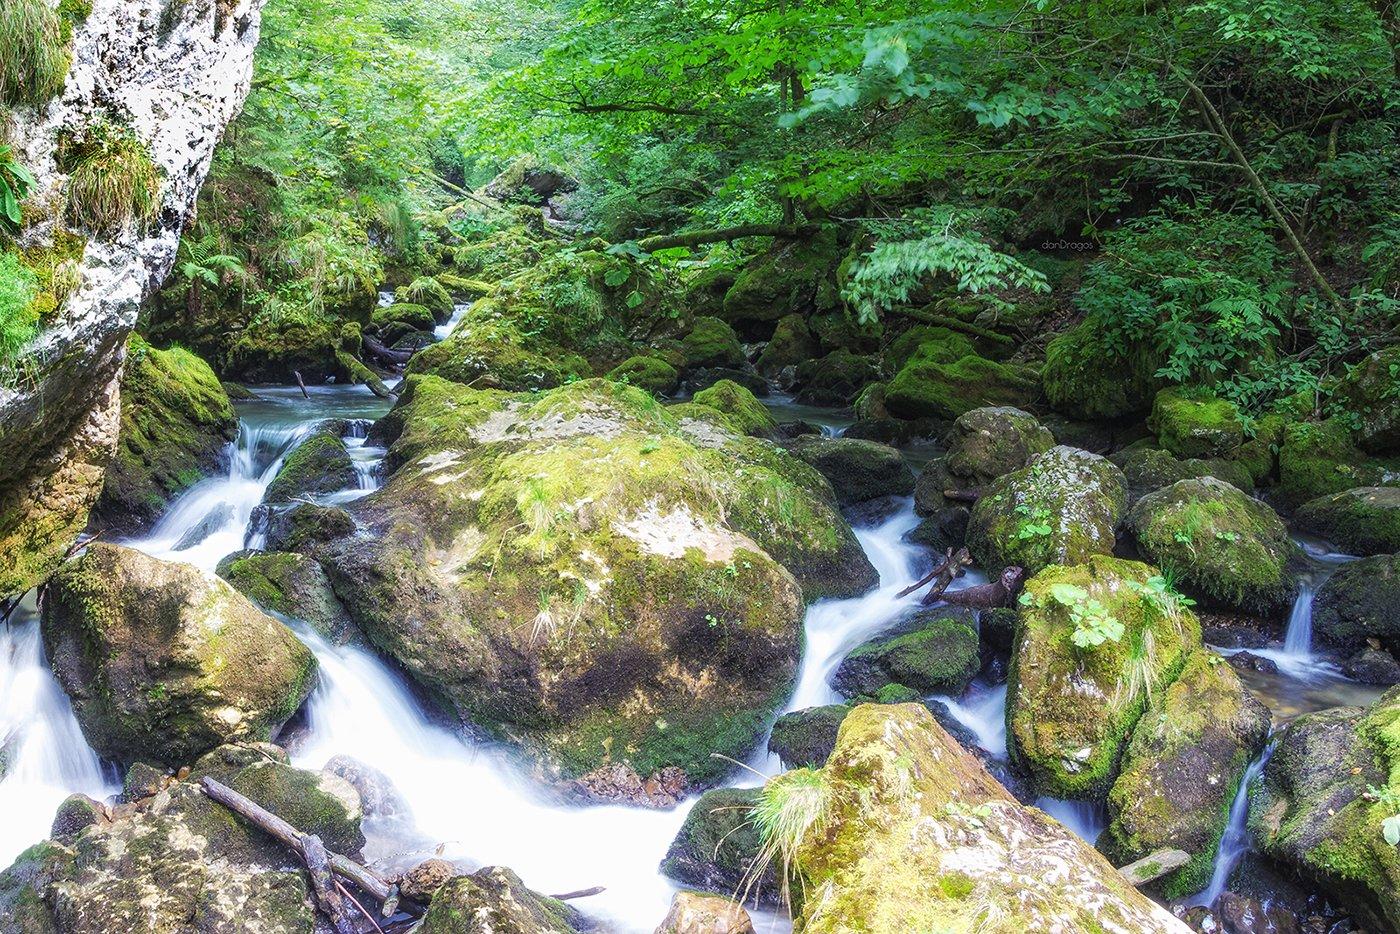 Galbena gorge